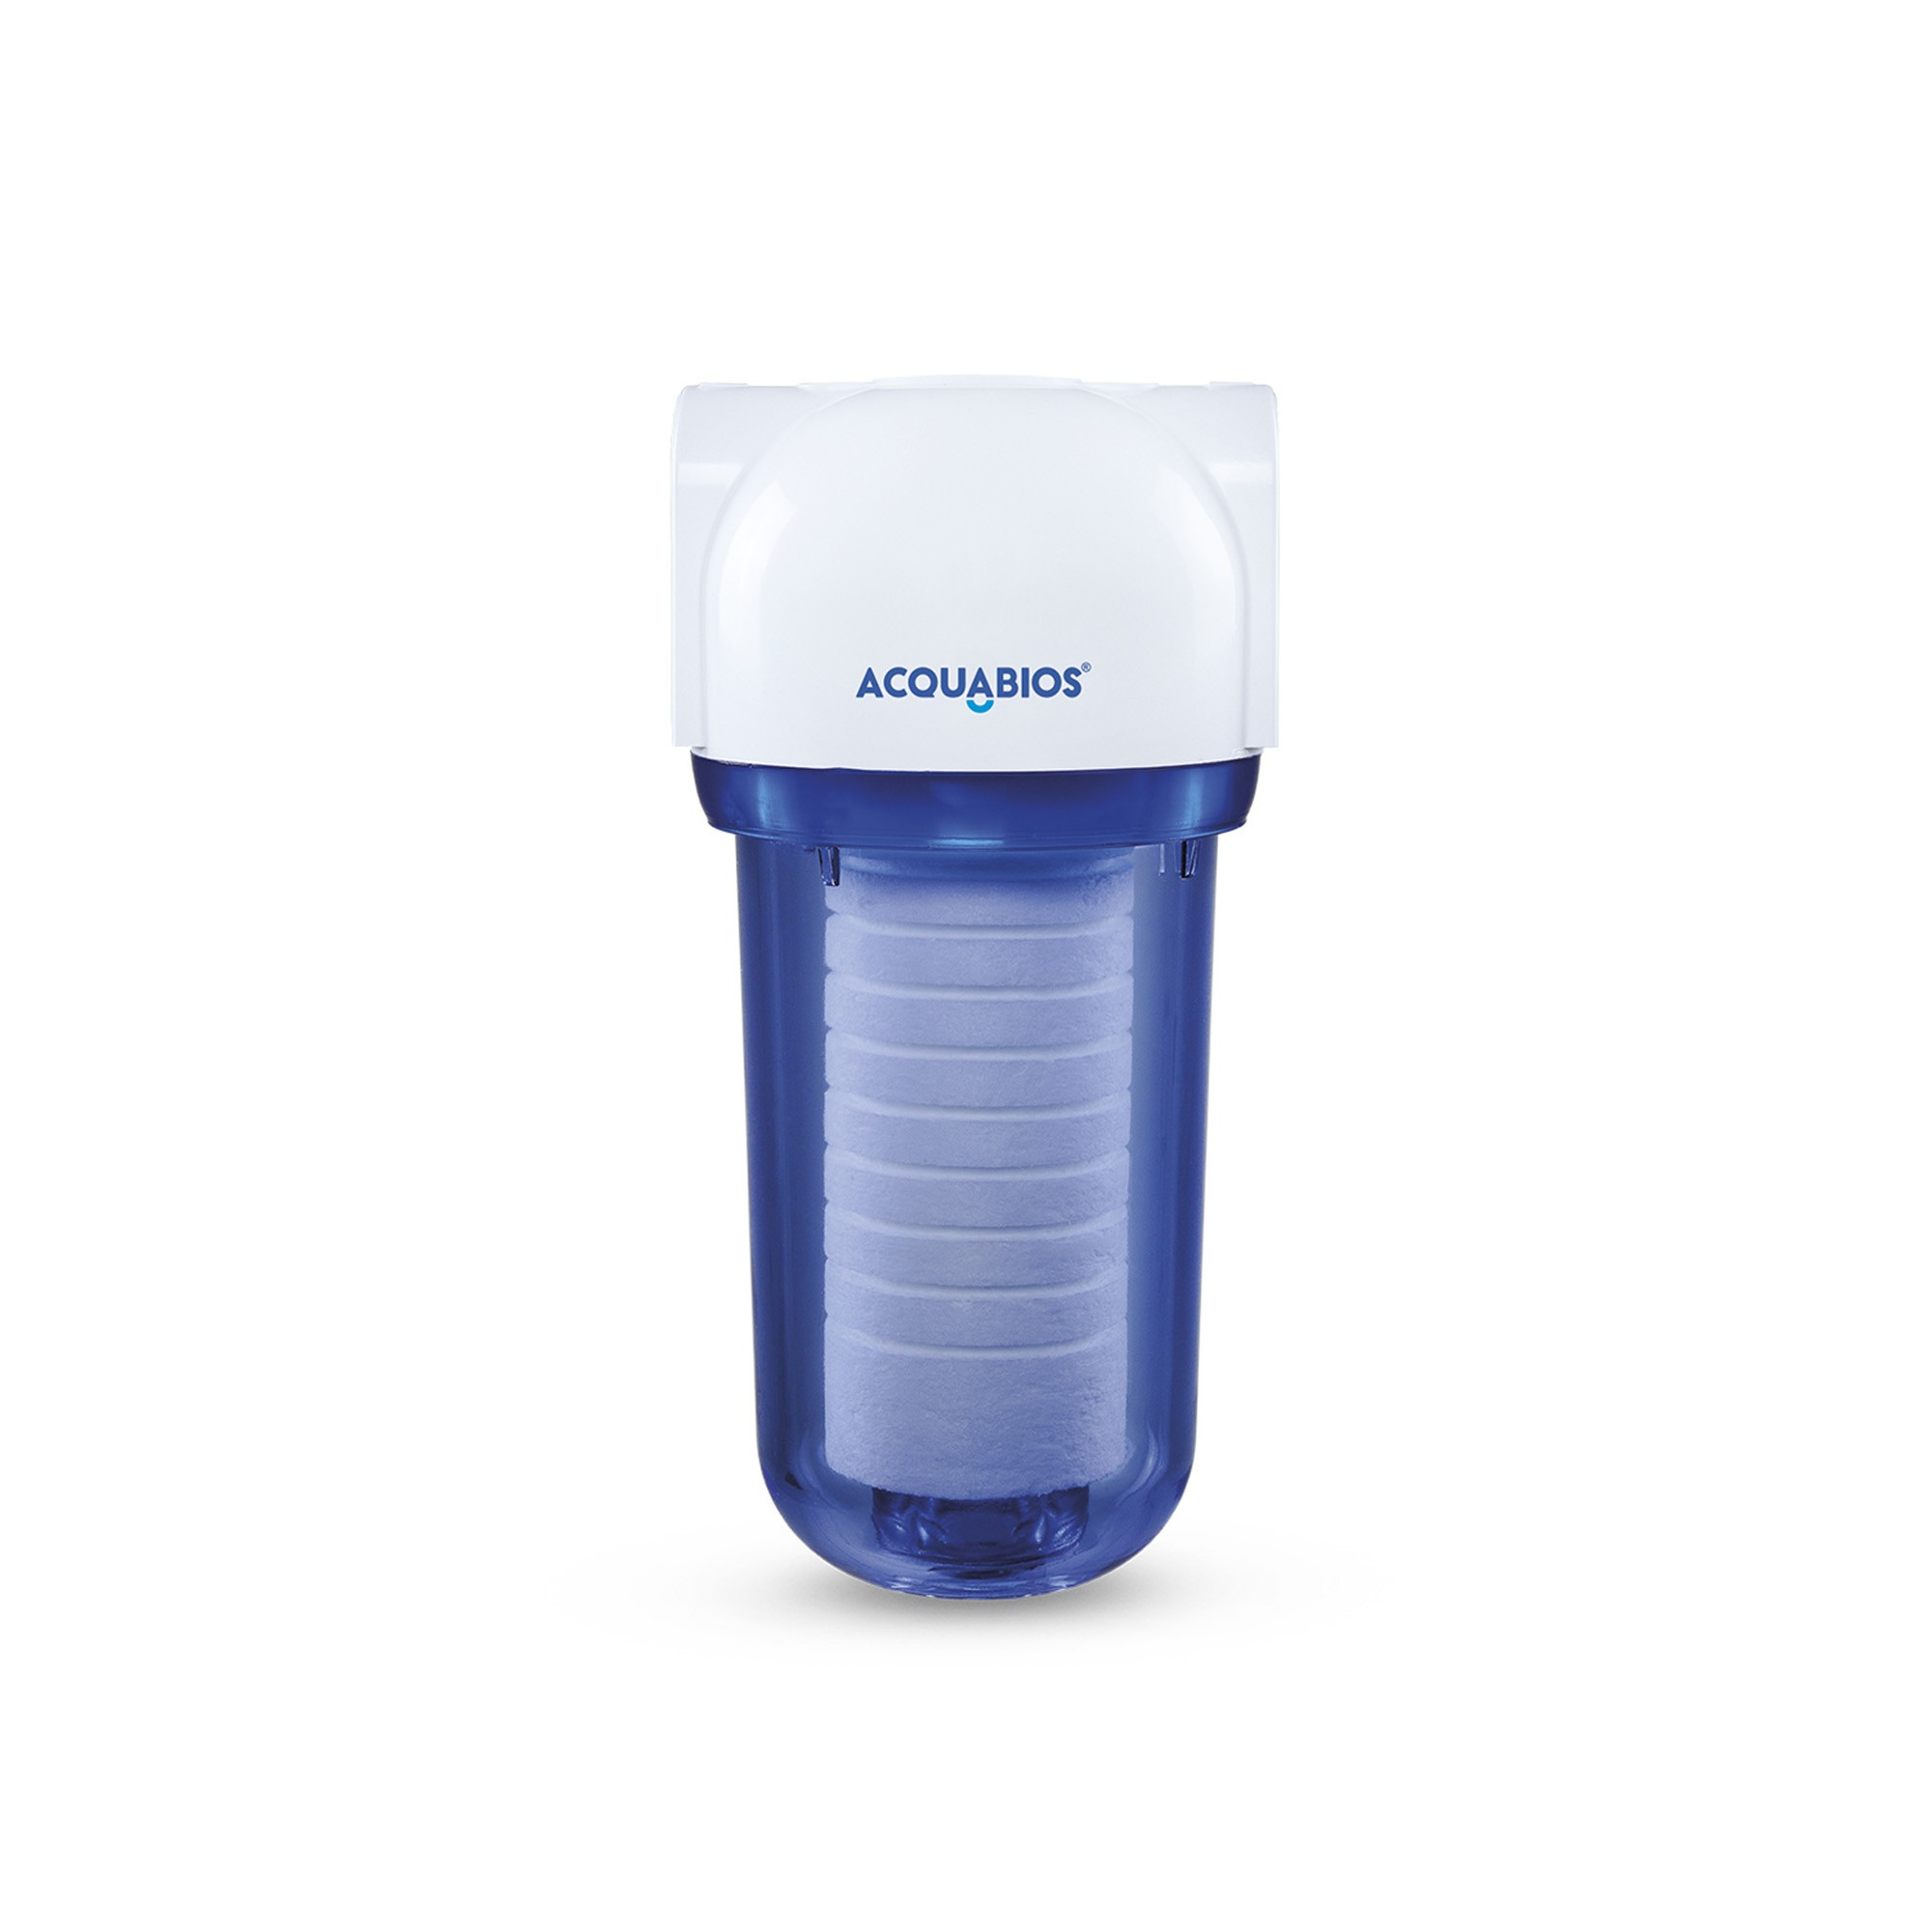 Filtro Acqua 230 Transparente Refil para maquina de Lavar, roupas mais limpas